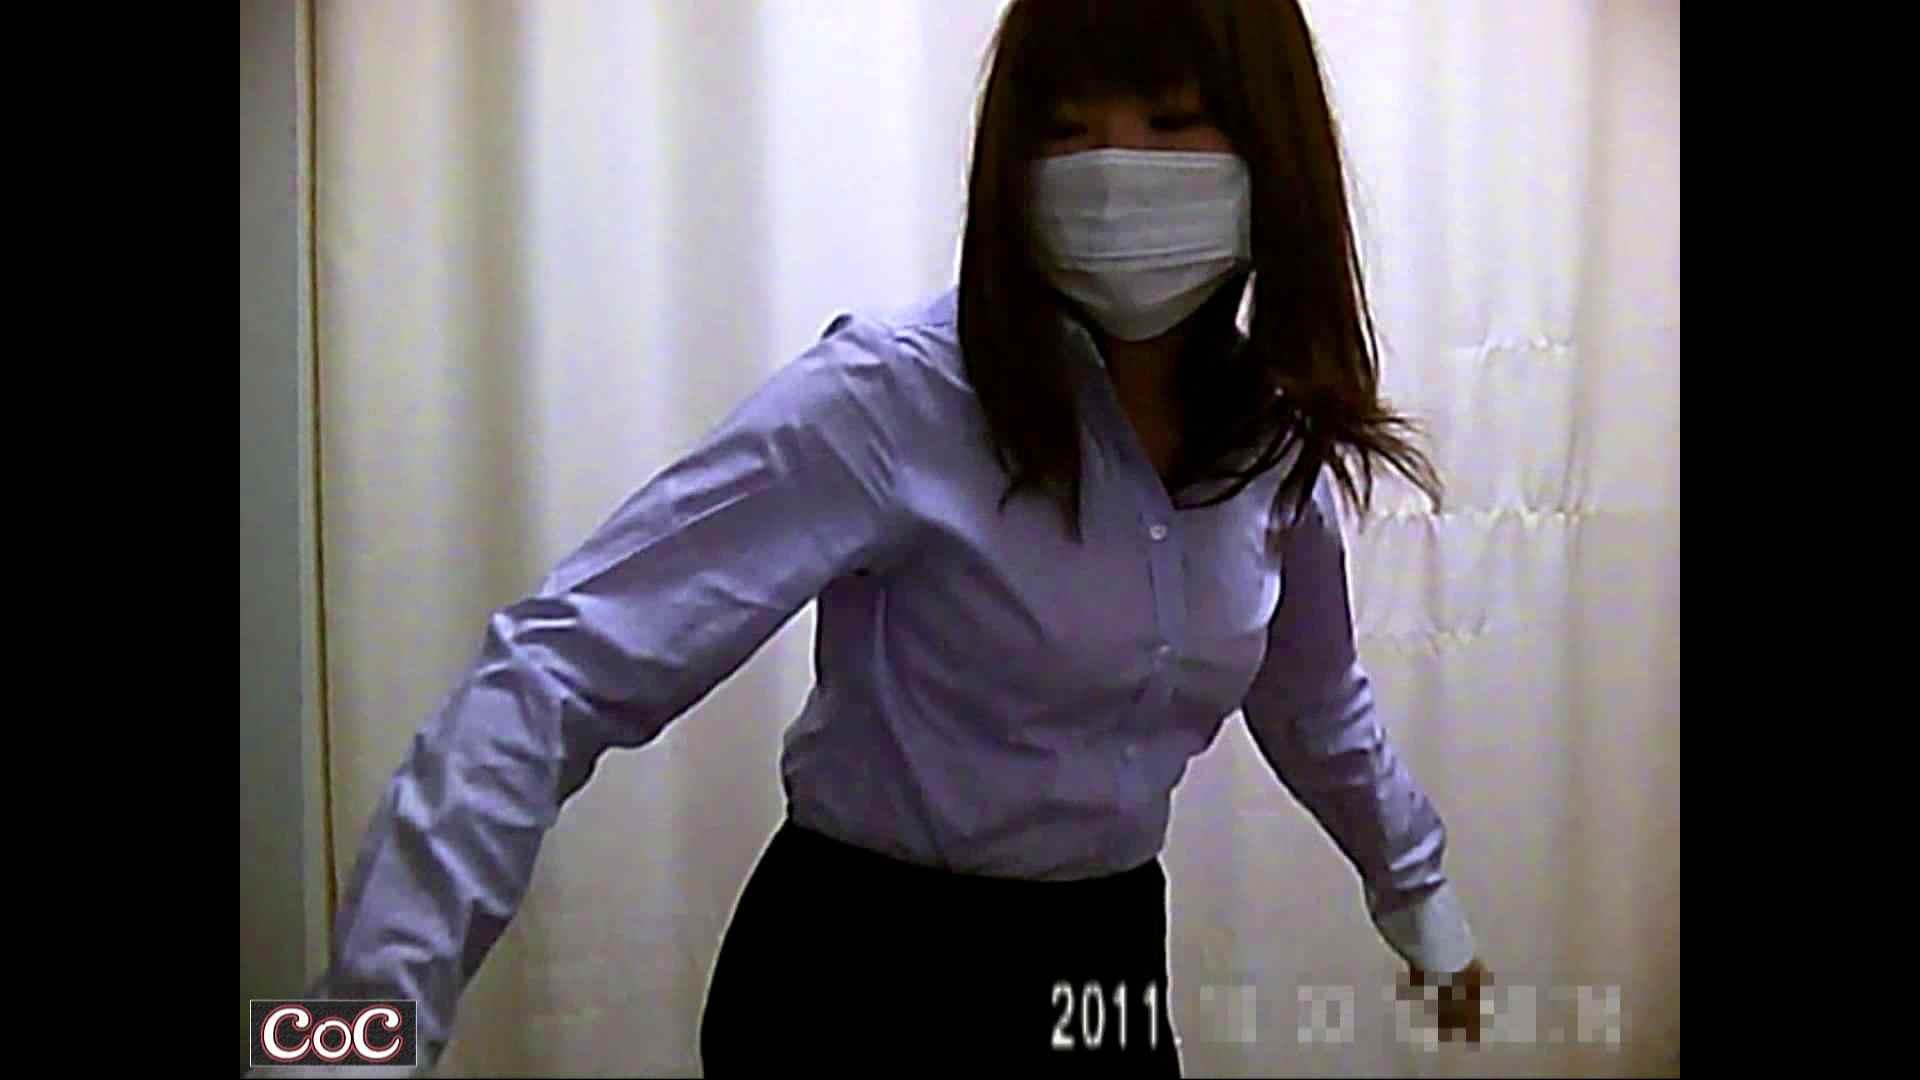 元医者による反抗 更衣室地獄絵巻 vol.248 OL  69pic 65